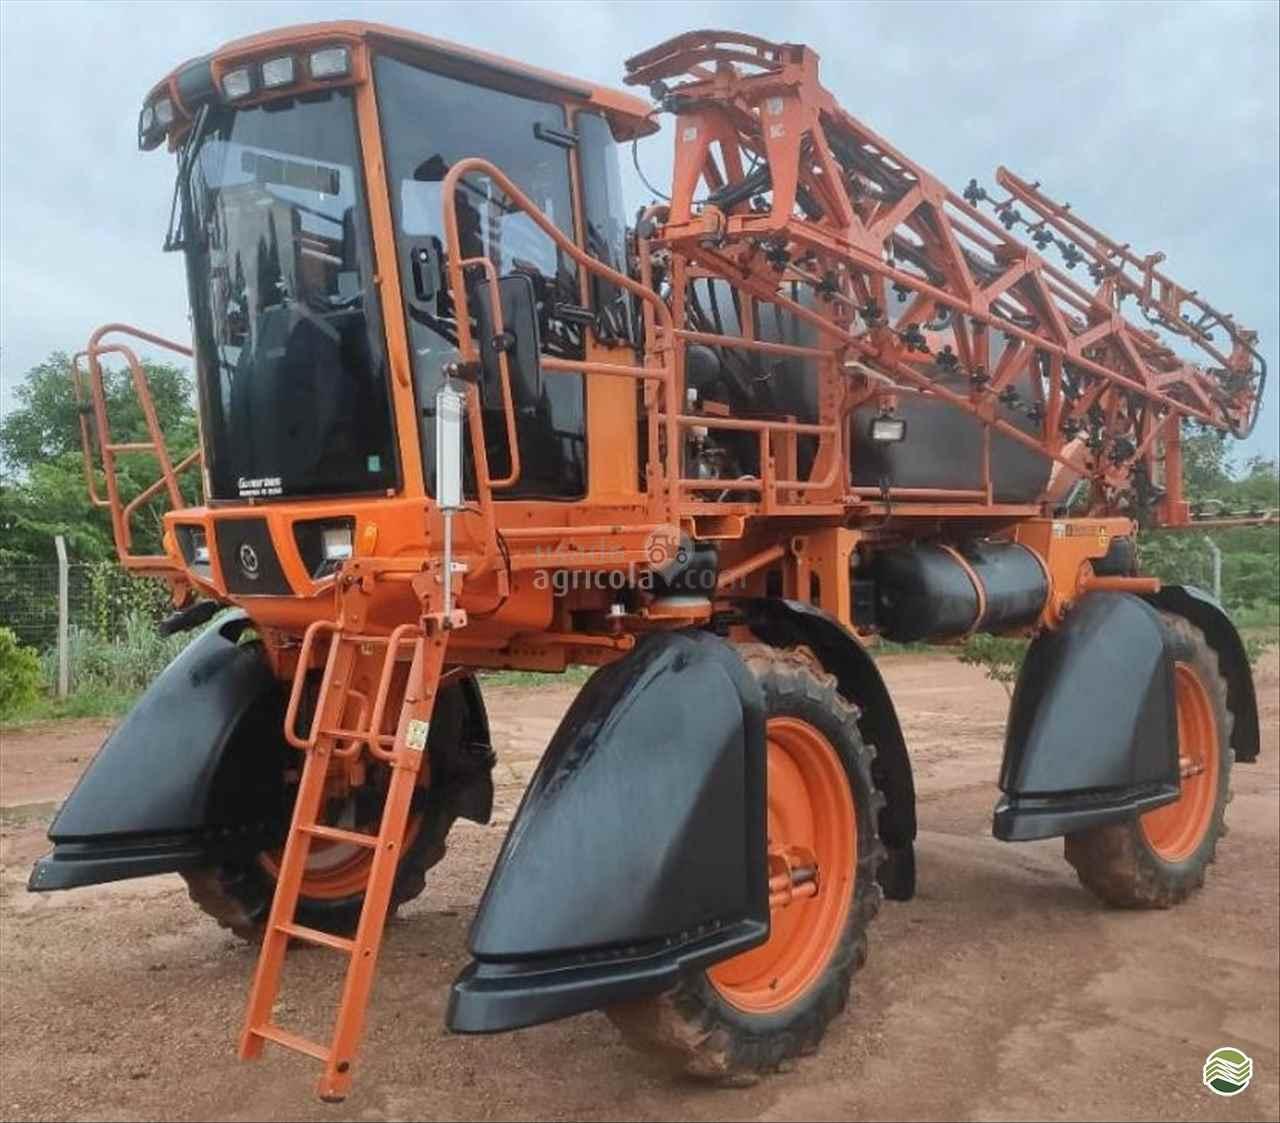 PULVERIZADOR JACTO UNIPORT 2500 STAR Tração 4x2 Usado Agricola LUCAS DO RIO VERDE MATO GROSSO MT